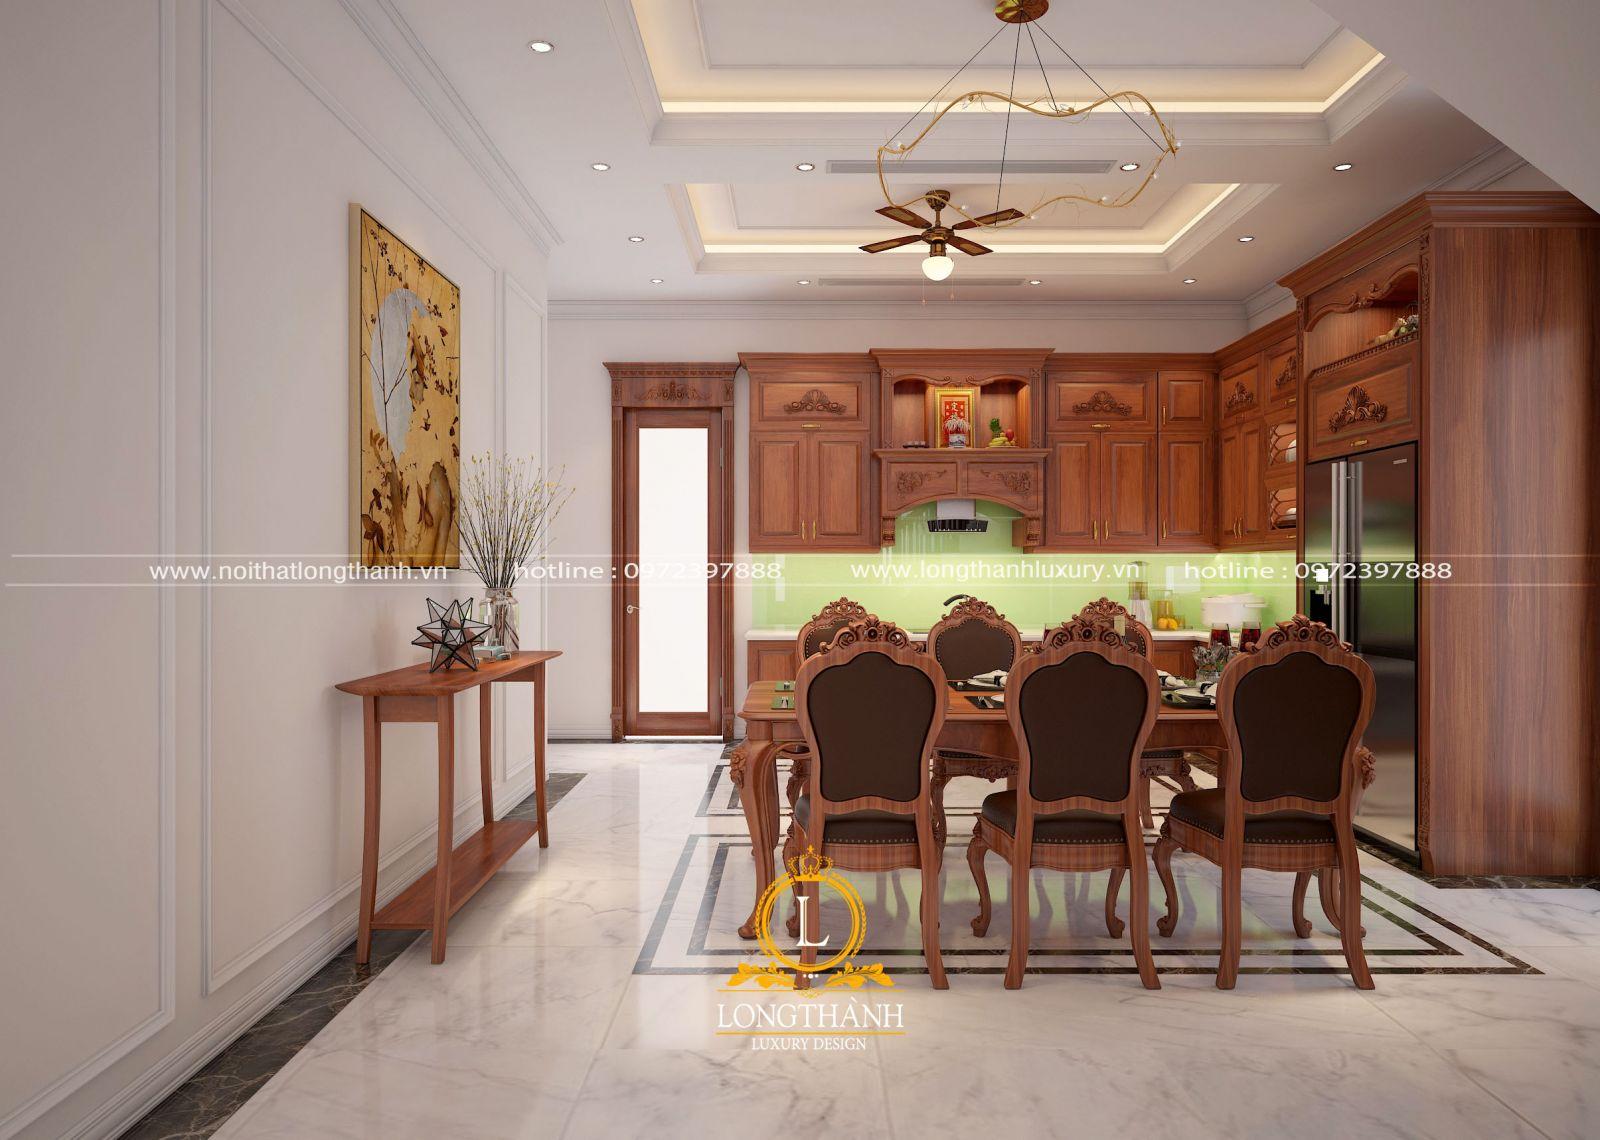 Thiết kế tủ bếp gỗ Gõ hiện đại kết hợp đồng bộ với nội thất phòng bếp